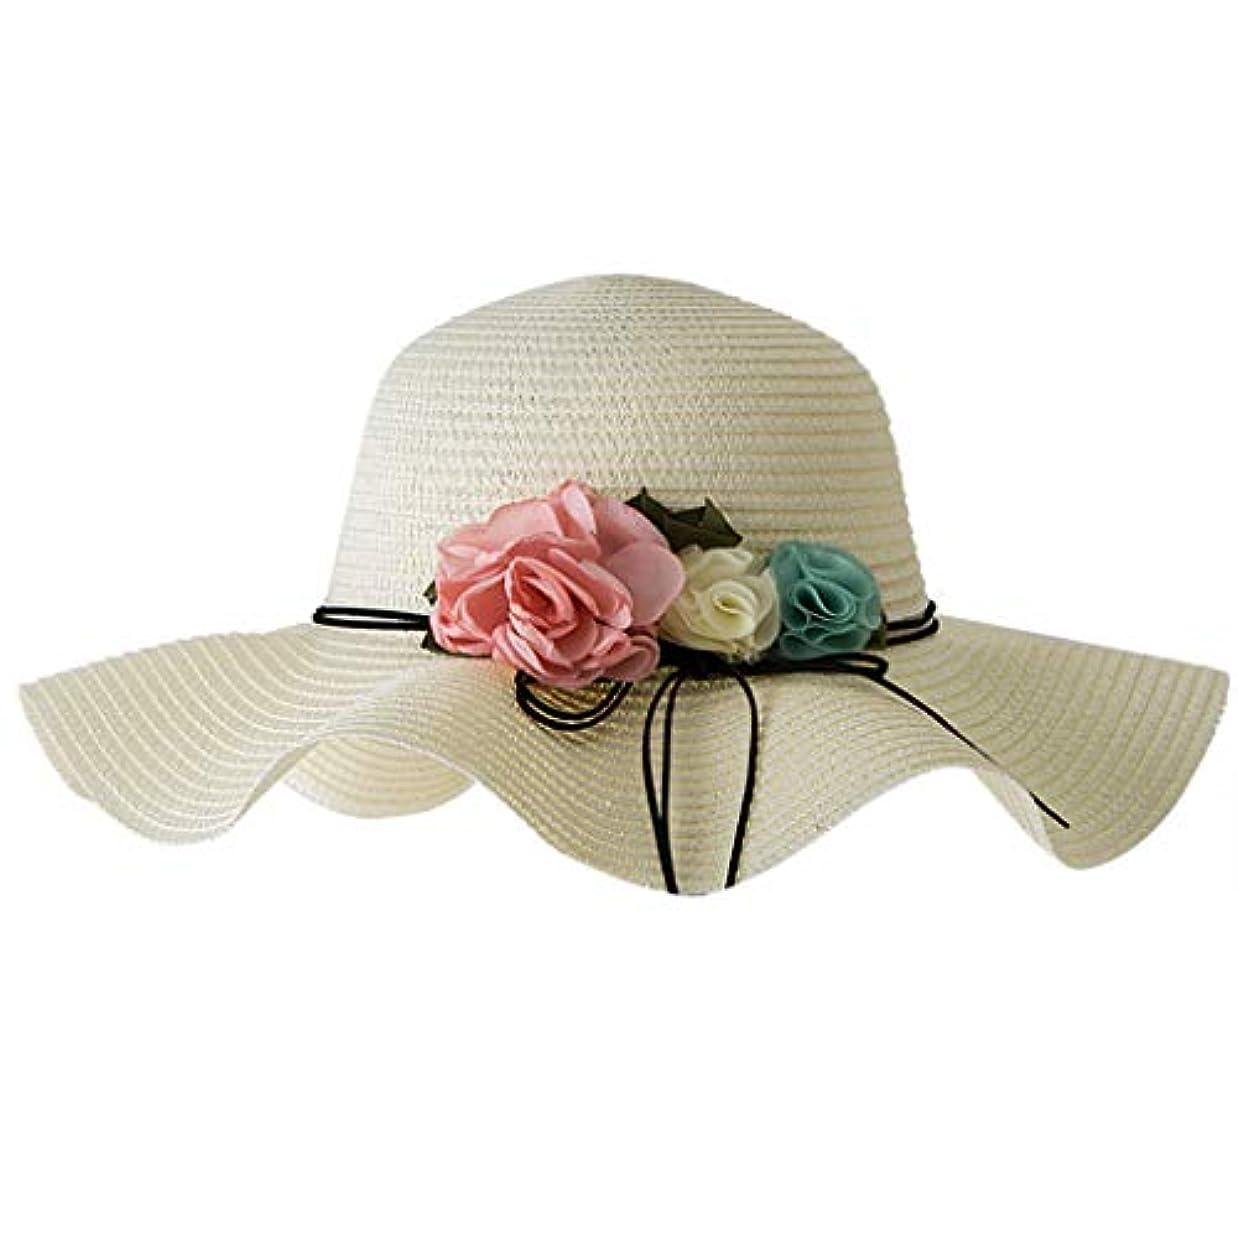 黒人一必要ないアウトドアファッションビッグバイザー UVカット 帽子 レディース 春用帽子 小顔効果 折りたため 日よけ帽子 高性能 高耐久性 女性の春と夏の無地のコットンキャップ 漁師の帽子 流域キャップ 日焼け対策 ROSE ROMAN